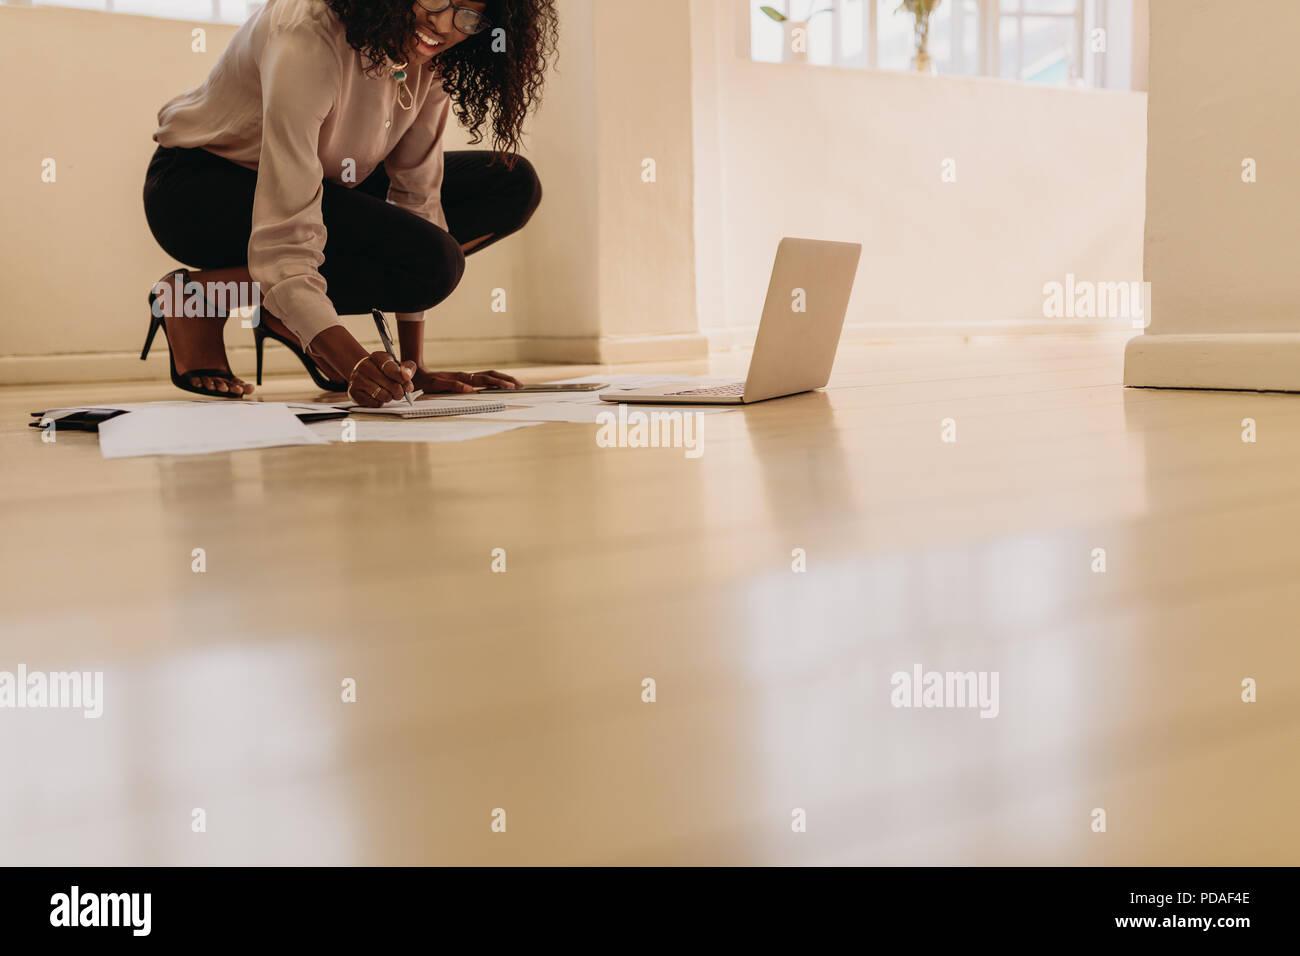 Mujer emprendedora en atuendo formal haciendo notas mientras trabaja en equipo portátil en casa. La empresaria sentado en suelo usar sandalias en casa maki Imagen De Stock